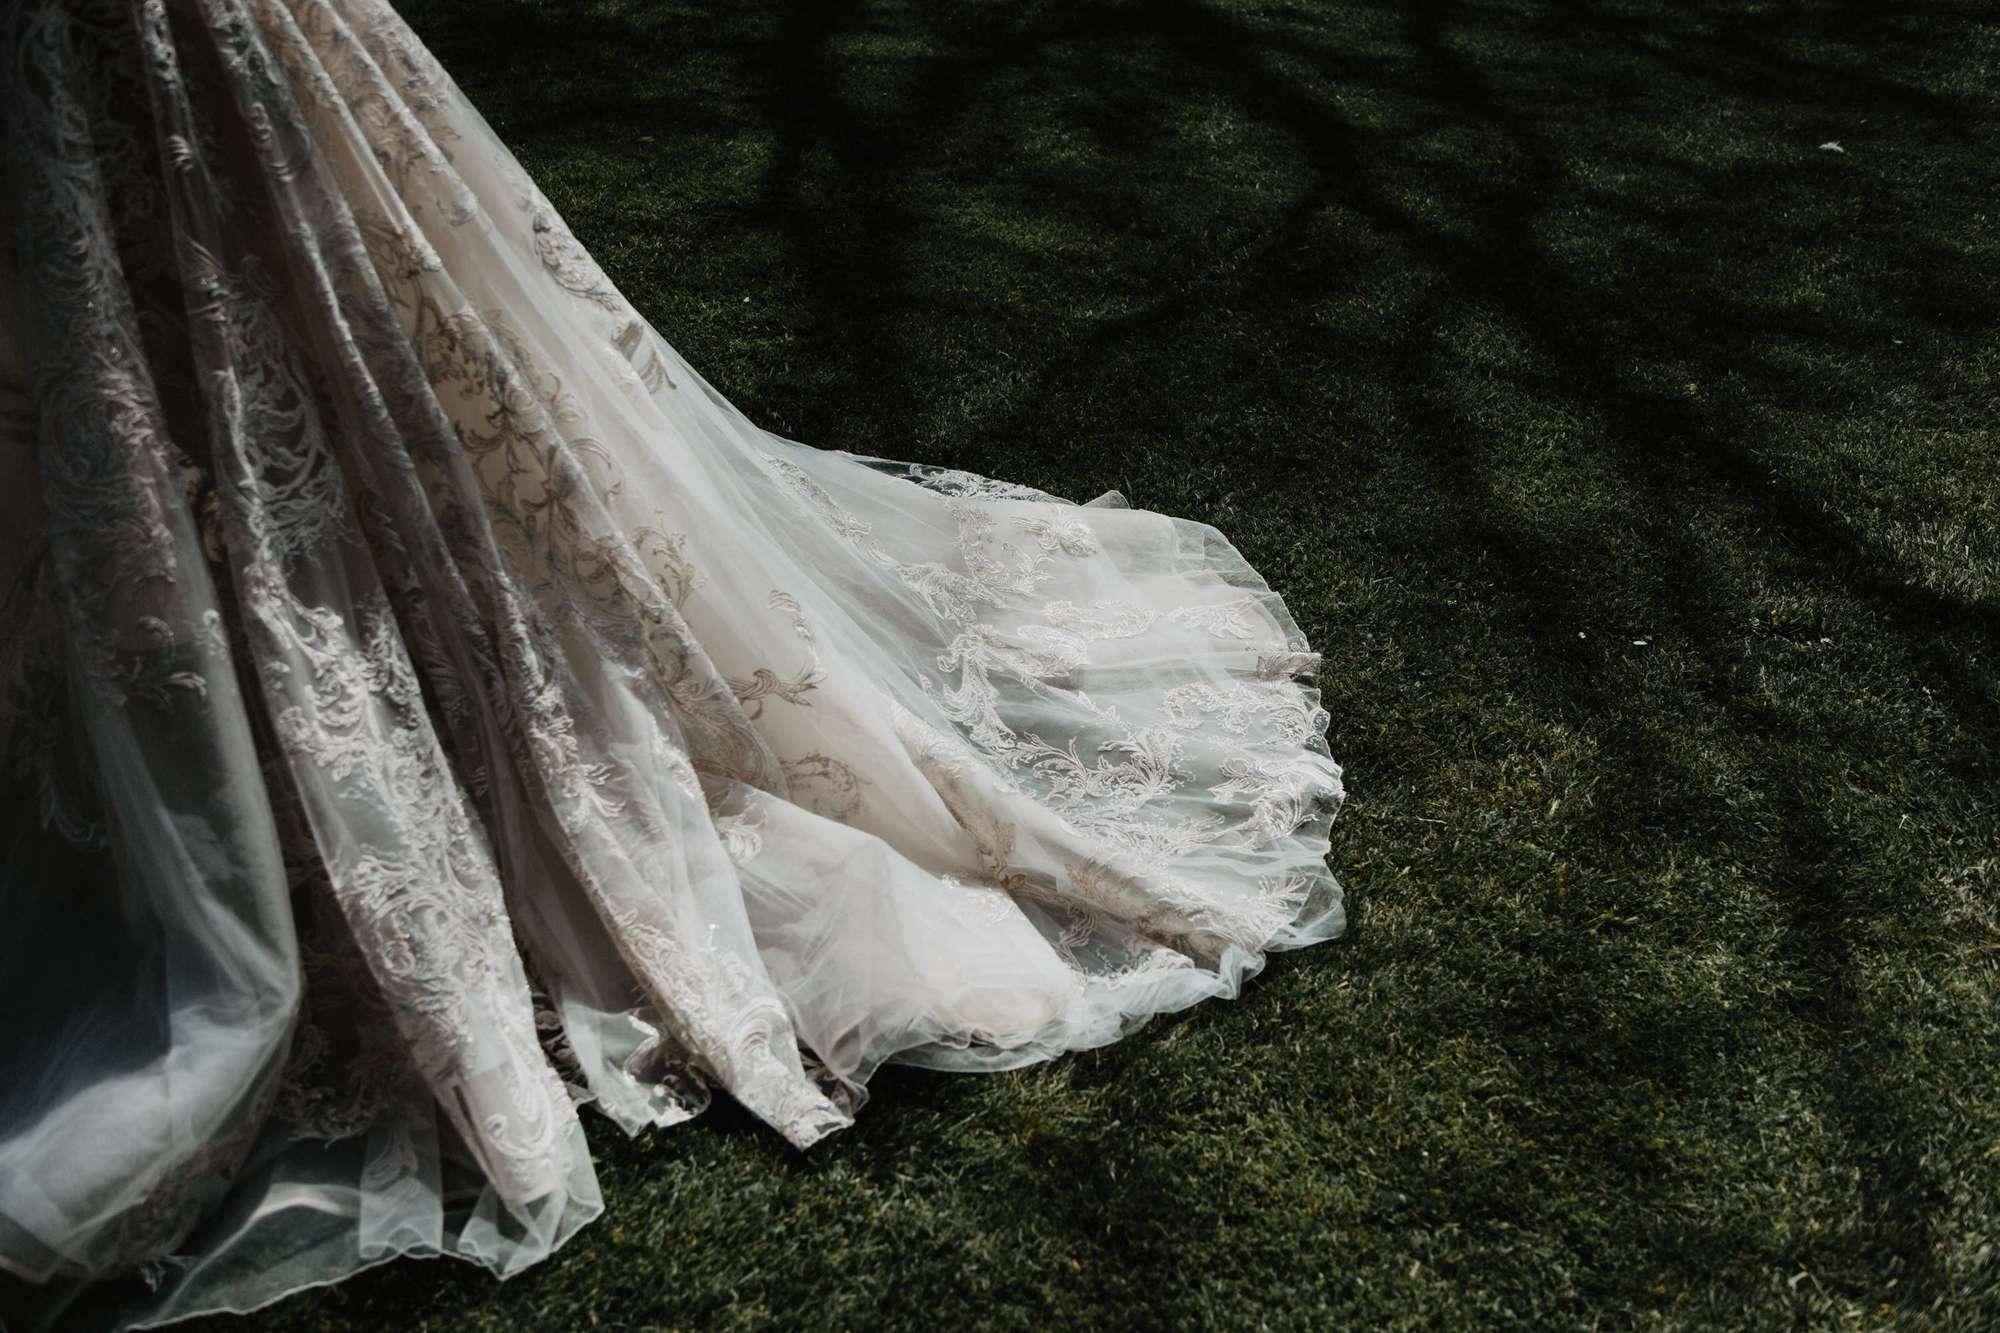 На кого подписаться: стилисты, дизайнеры и другие аккаунты, которые стоит полистать перед свадьбой